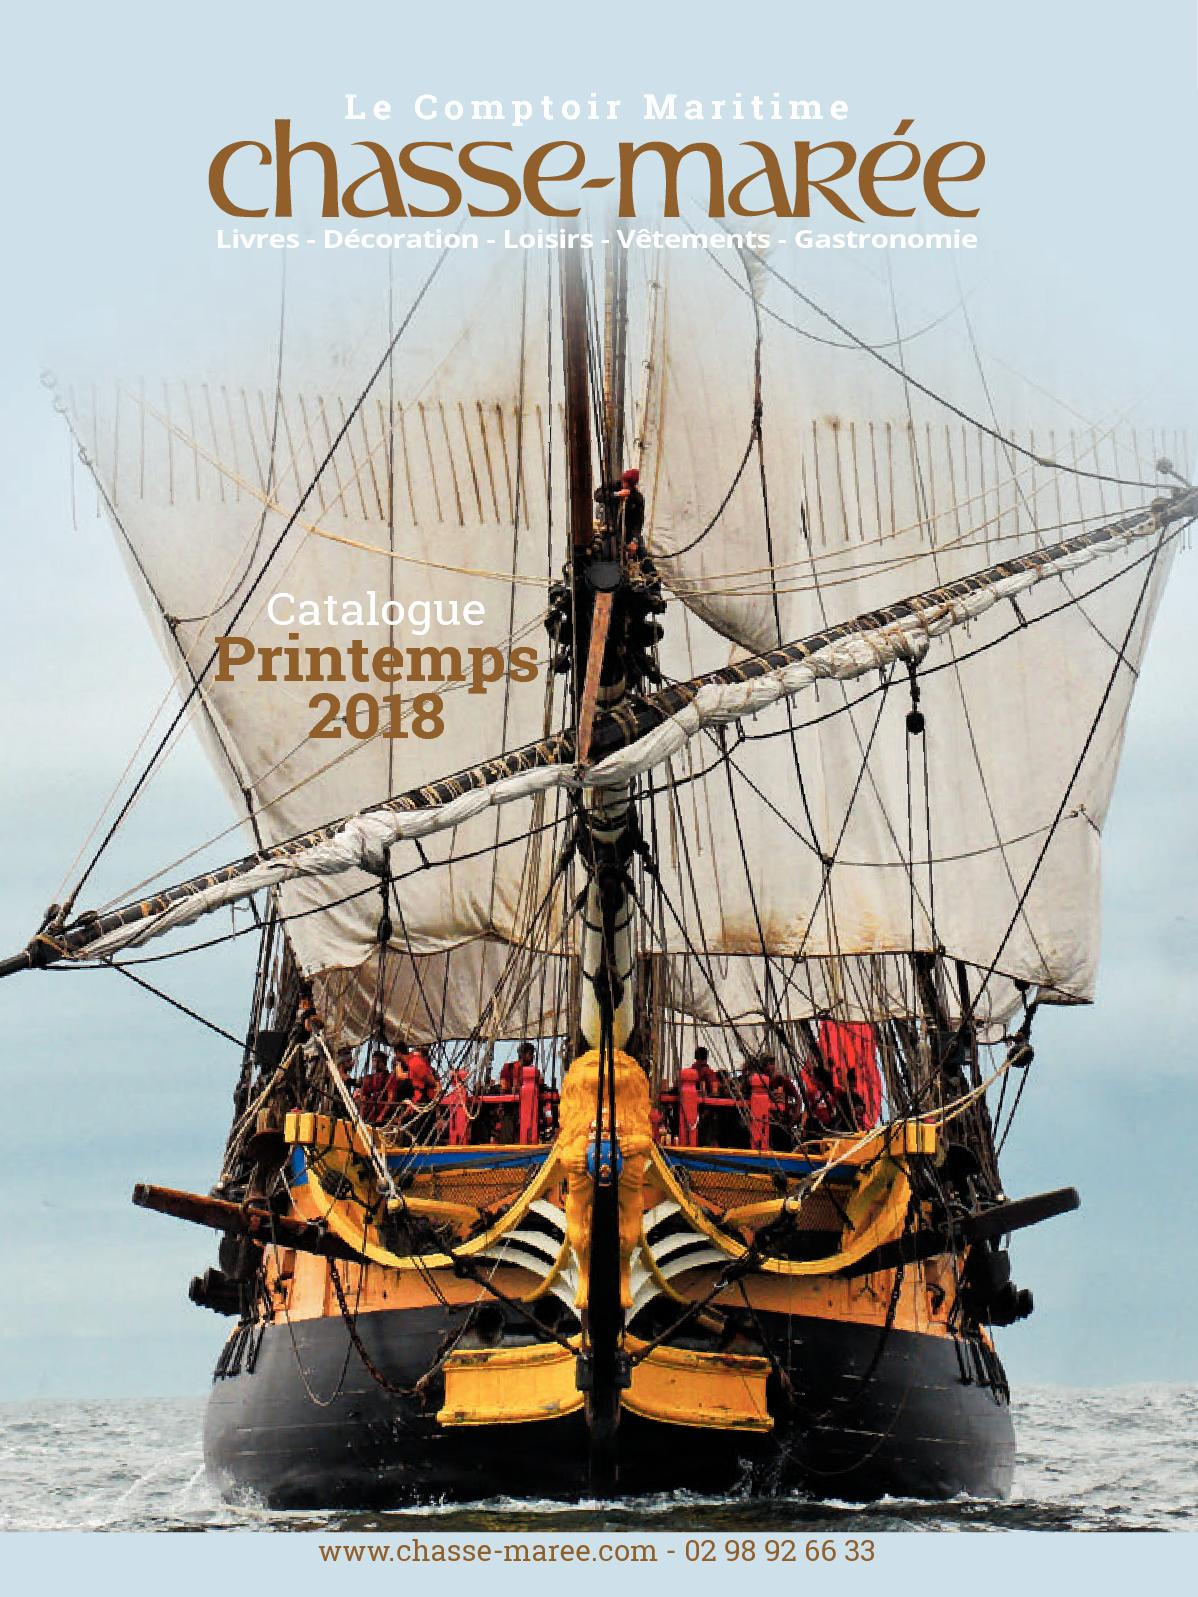 Maritime Calaméo Catalogue Chasse Marée Comptoir 2018 Printemps Du UzMGSpqV